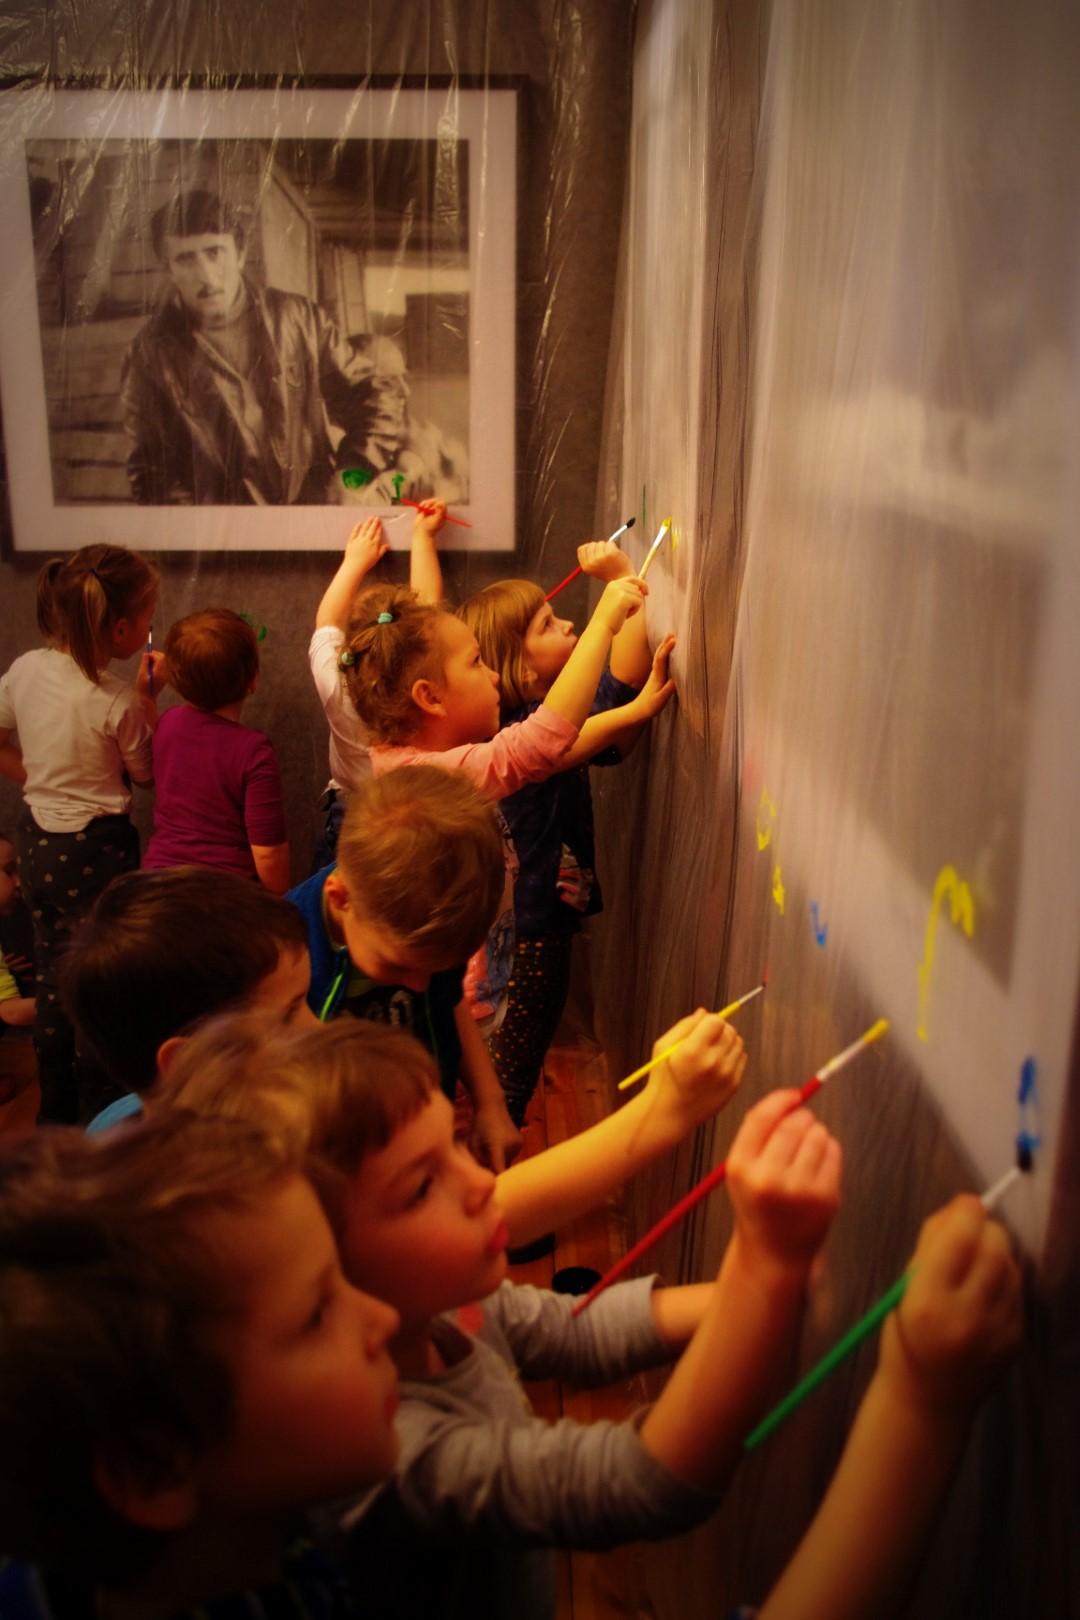 Warsztaty przy wystawie zdjęć Ryszarda Kapuścińskiego